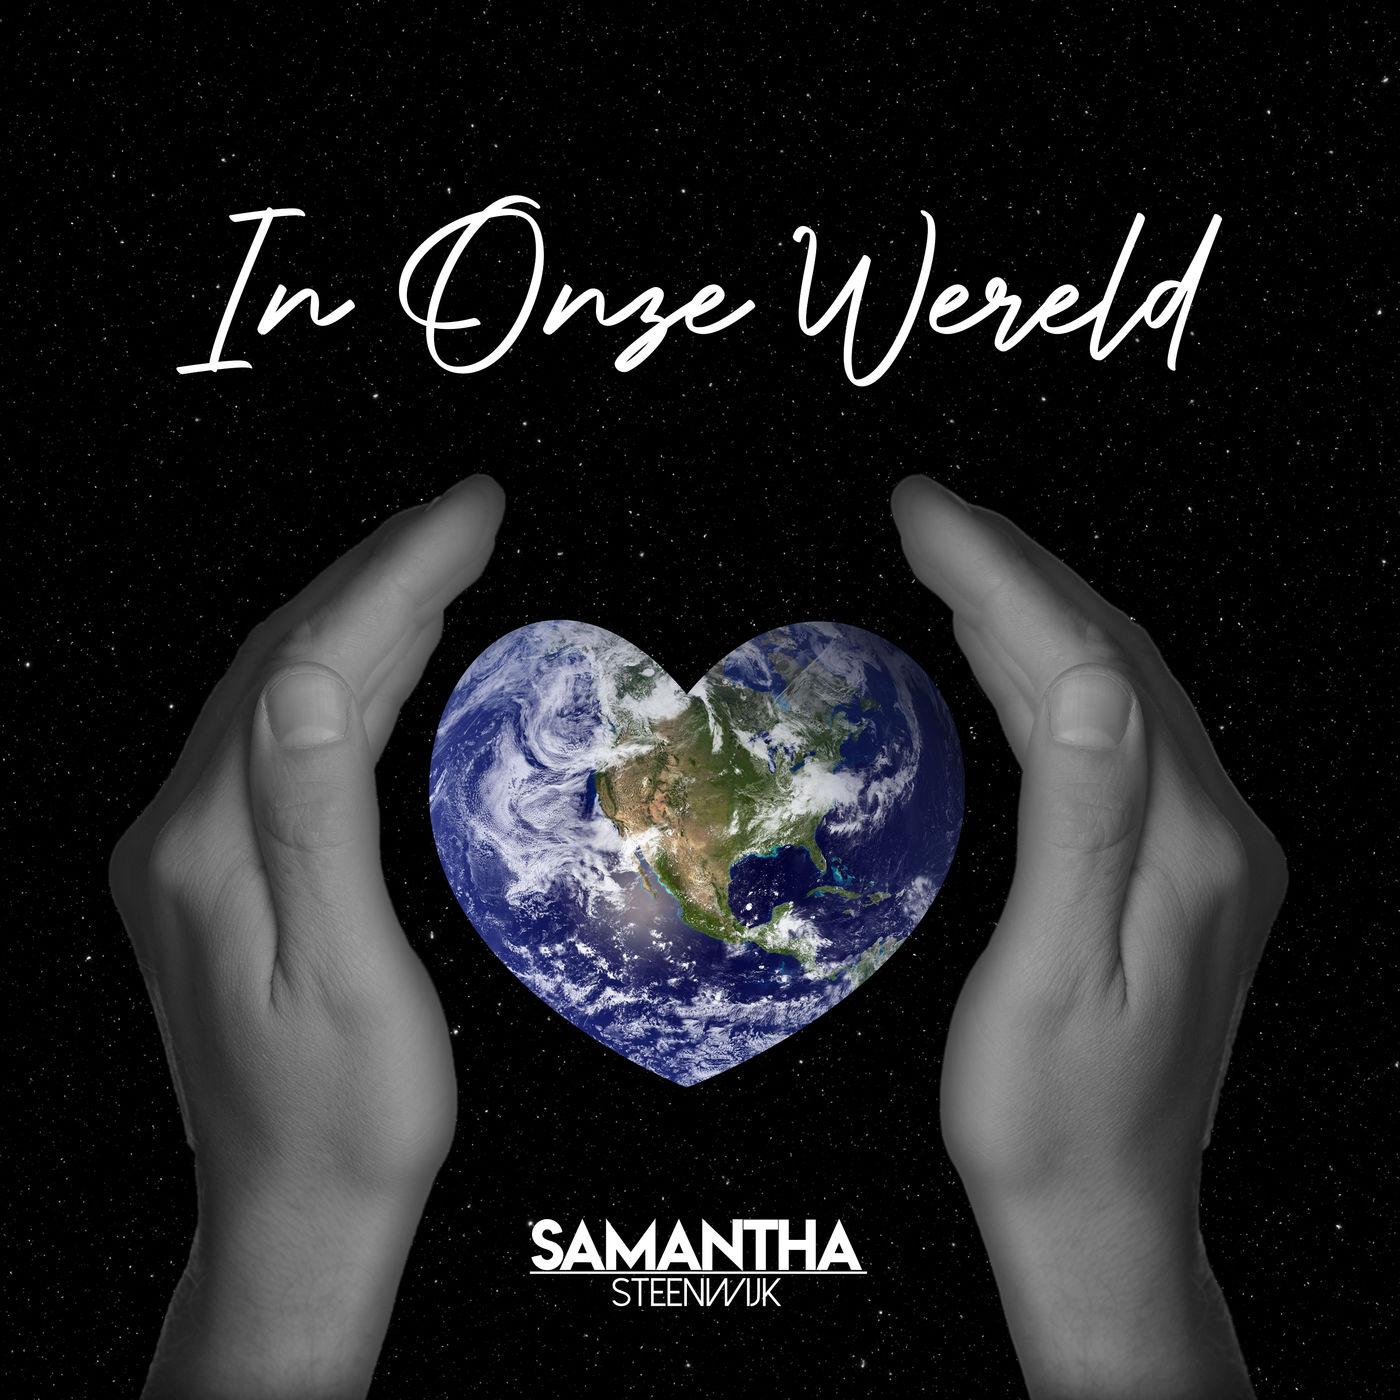 Nieuwe single Samantha van Steenwijk: 'In onze wereld'